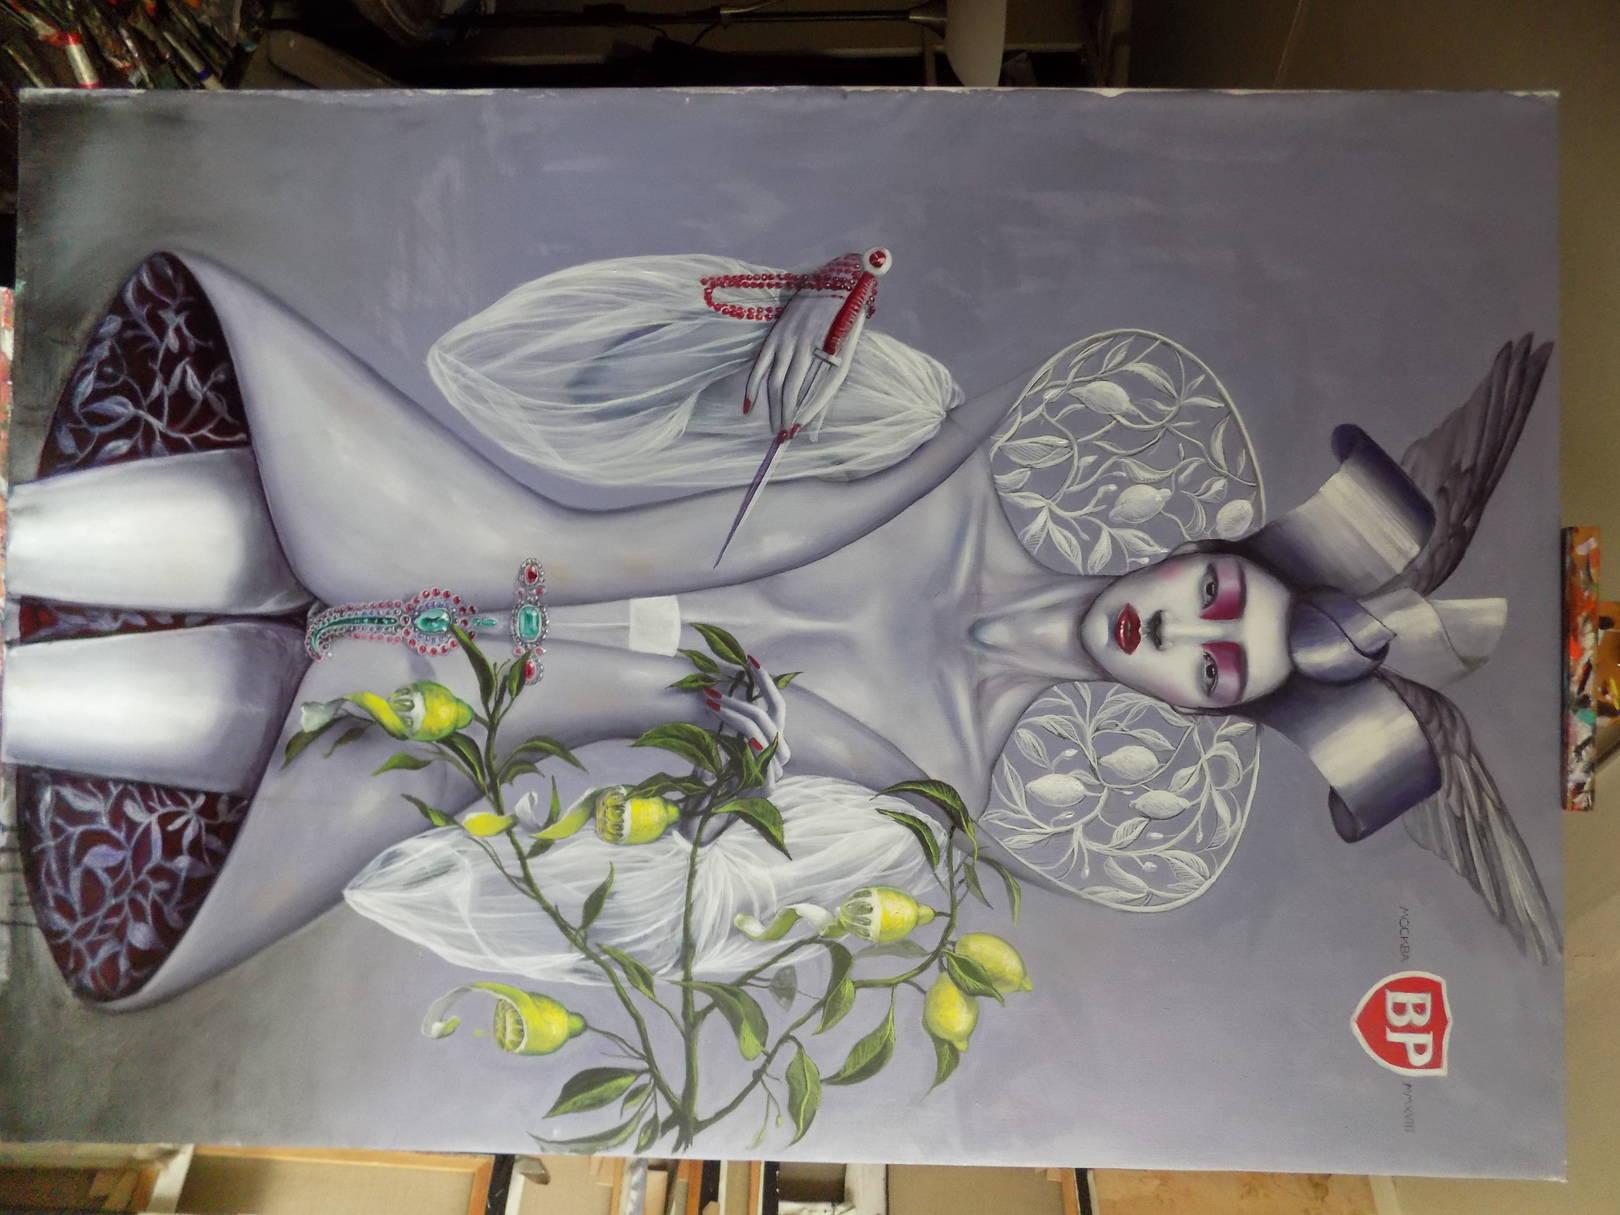 Lemon incest. 114x141cm. oil